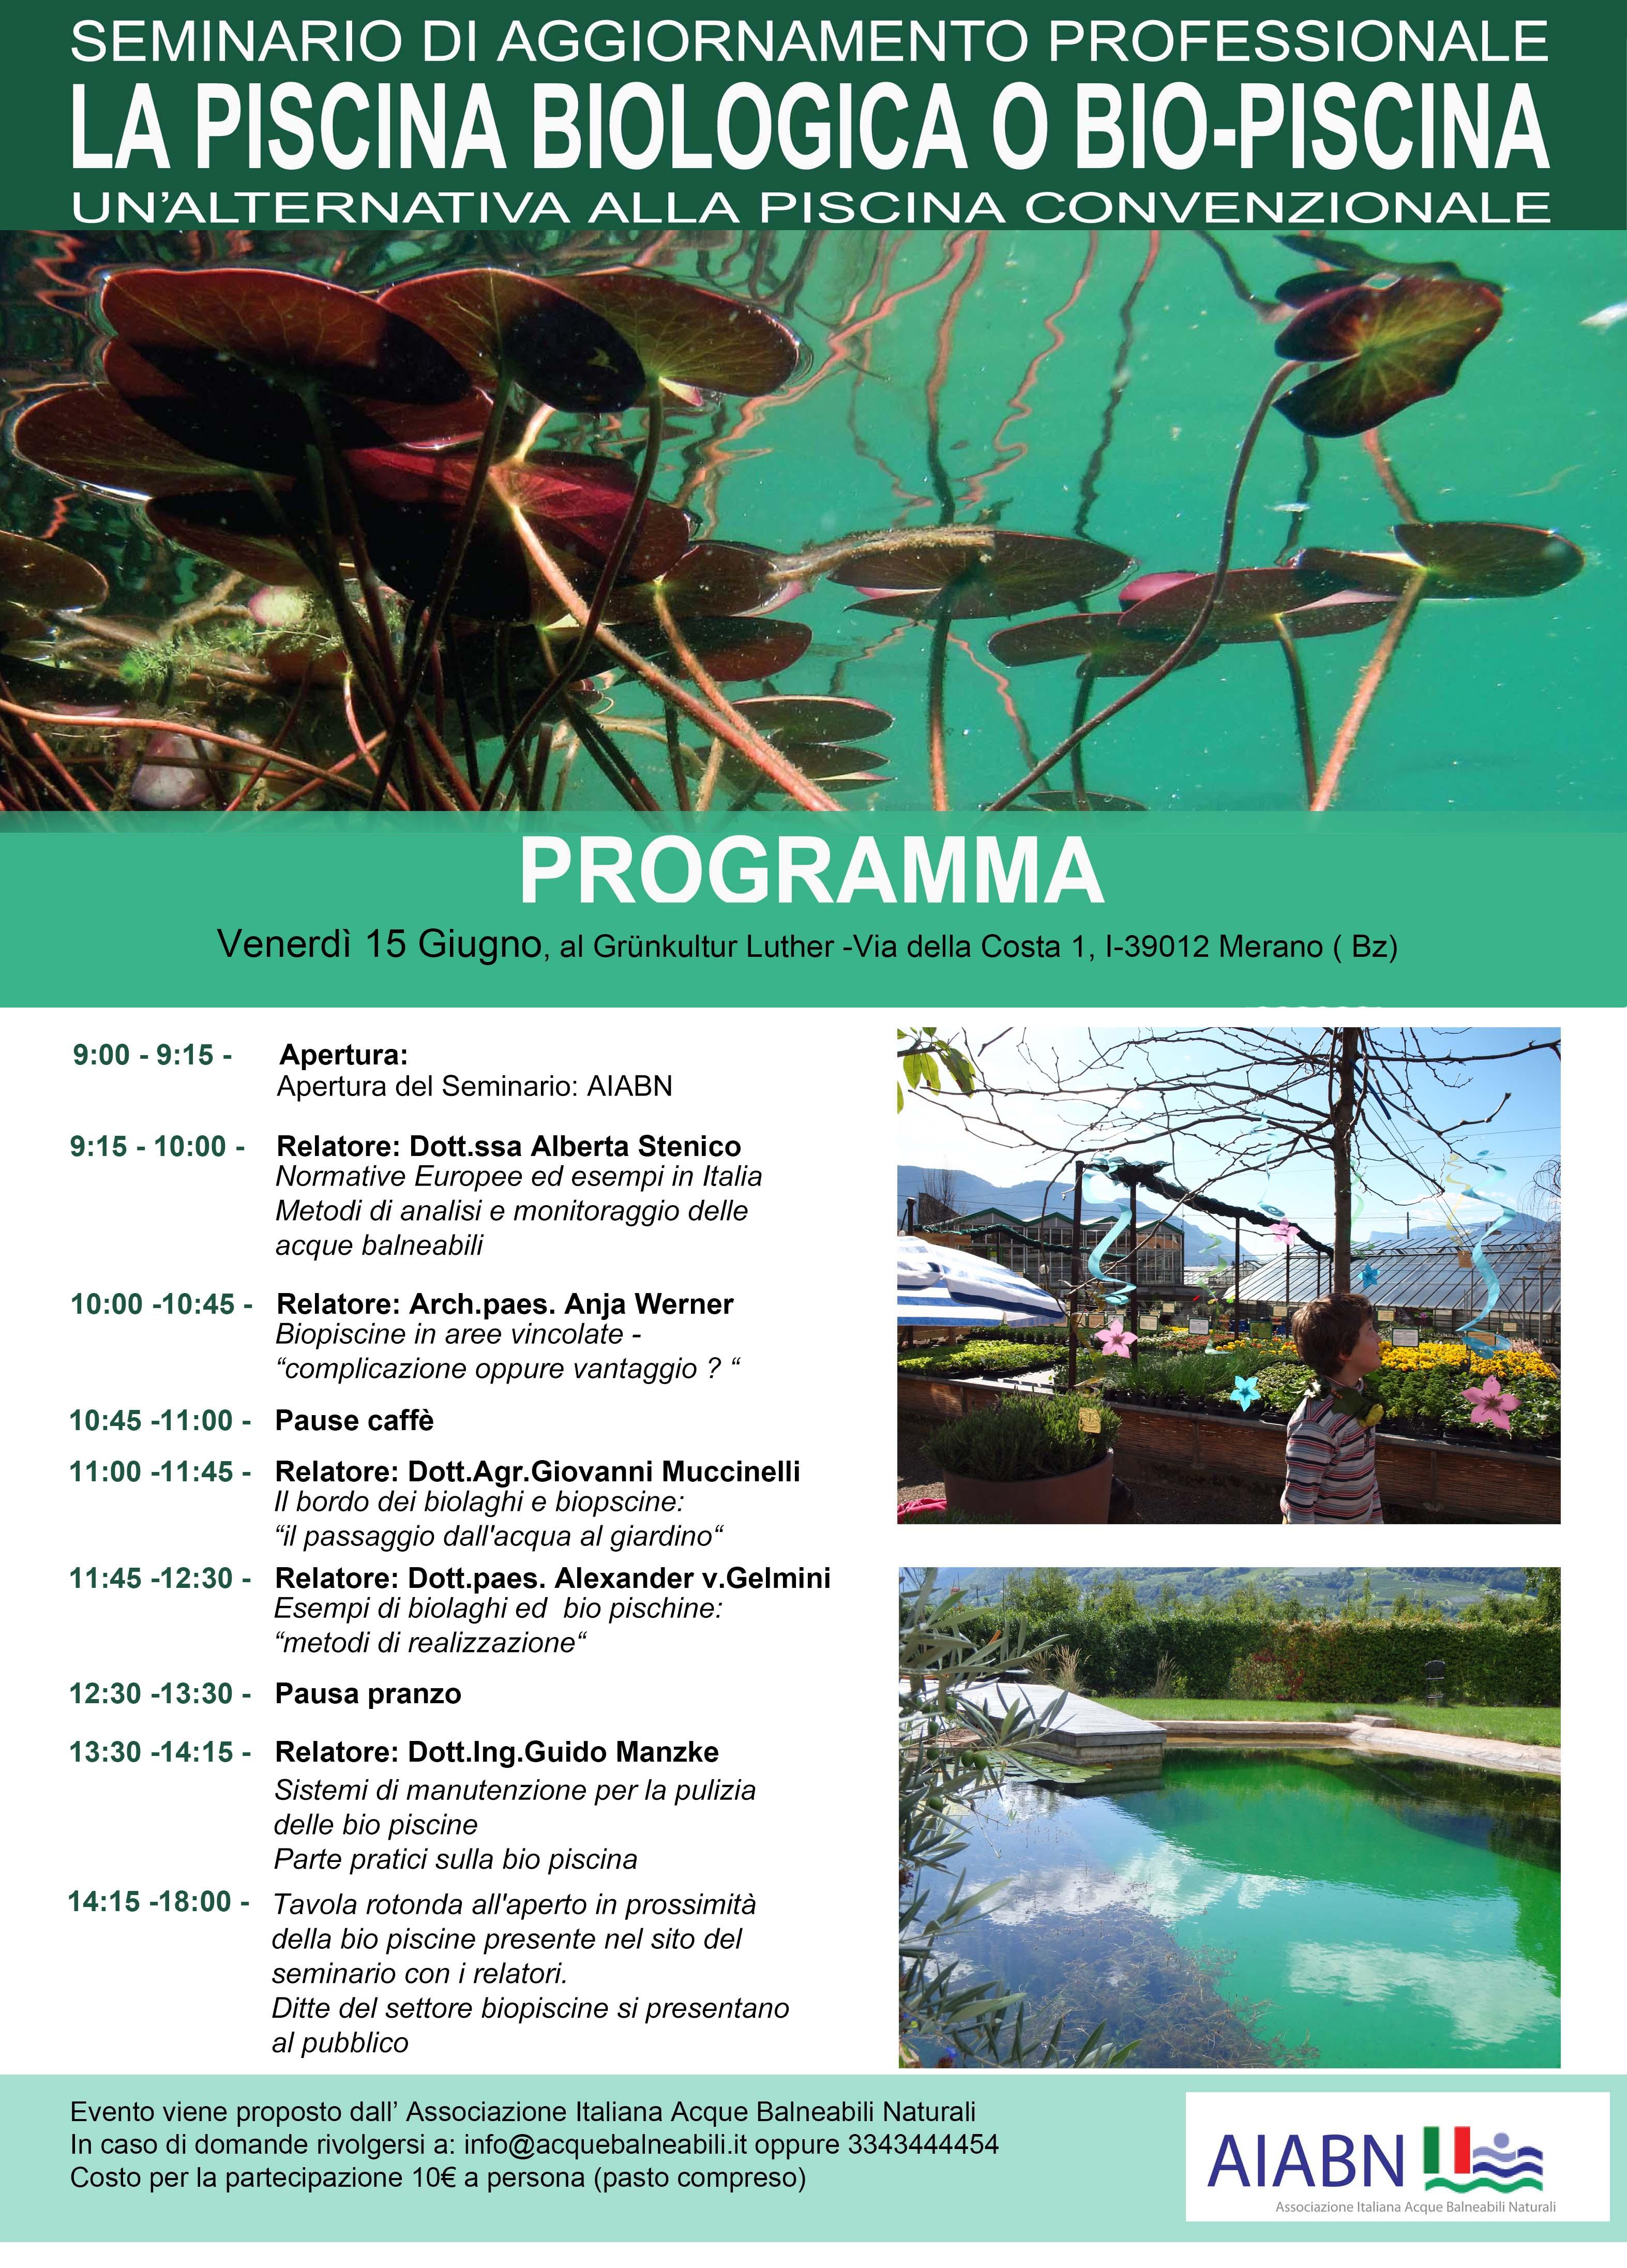 Seminario di aggiornamento professionale la piscina for Bio piscina